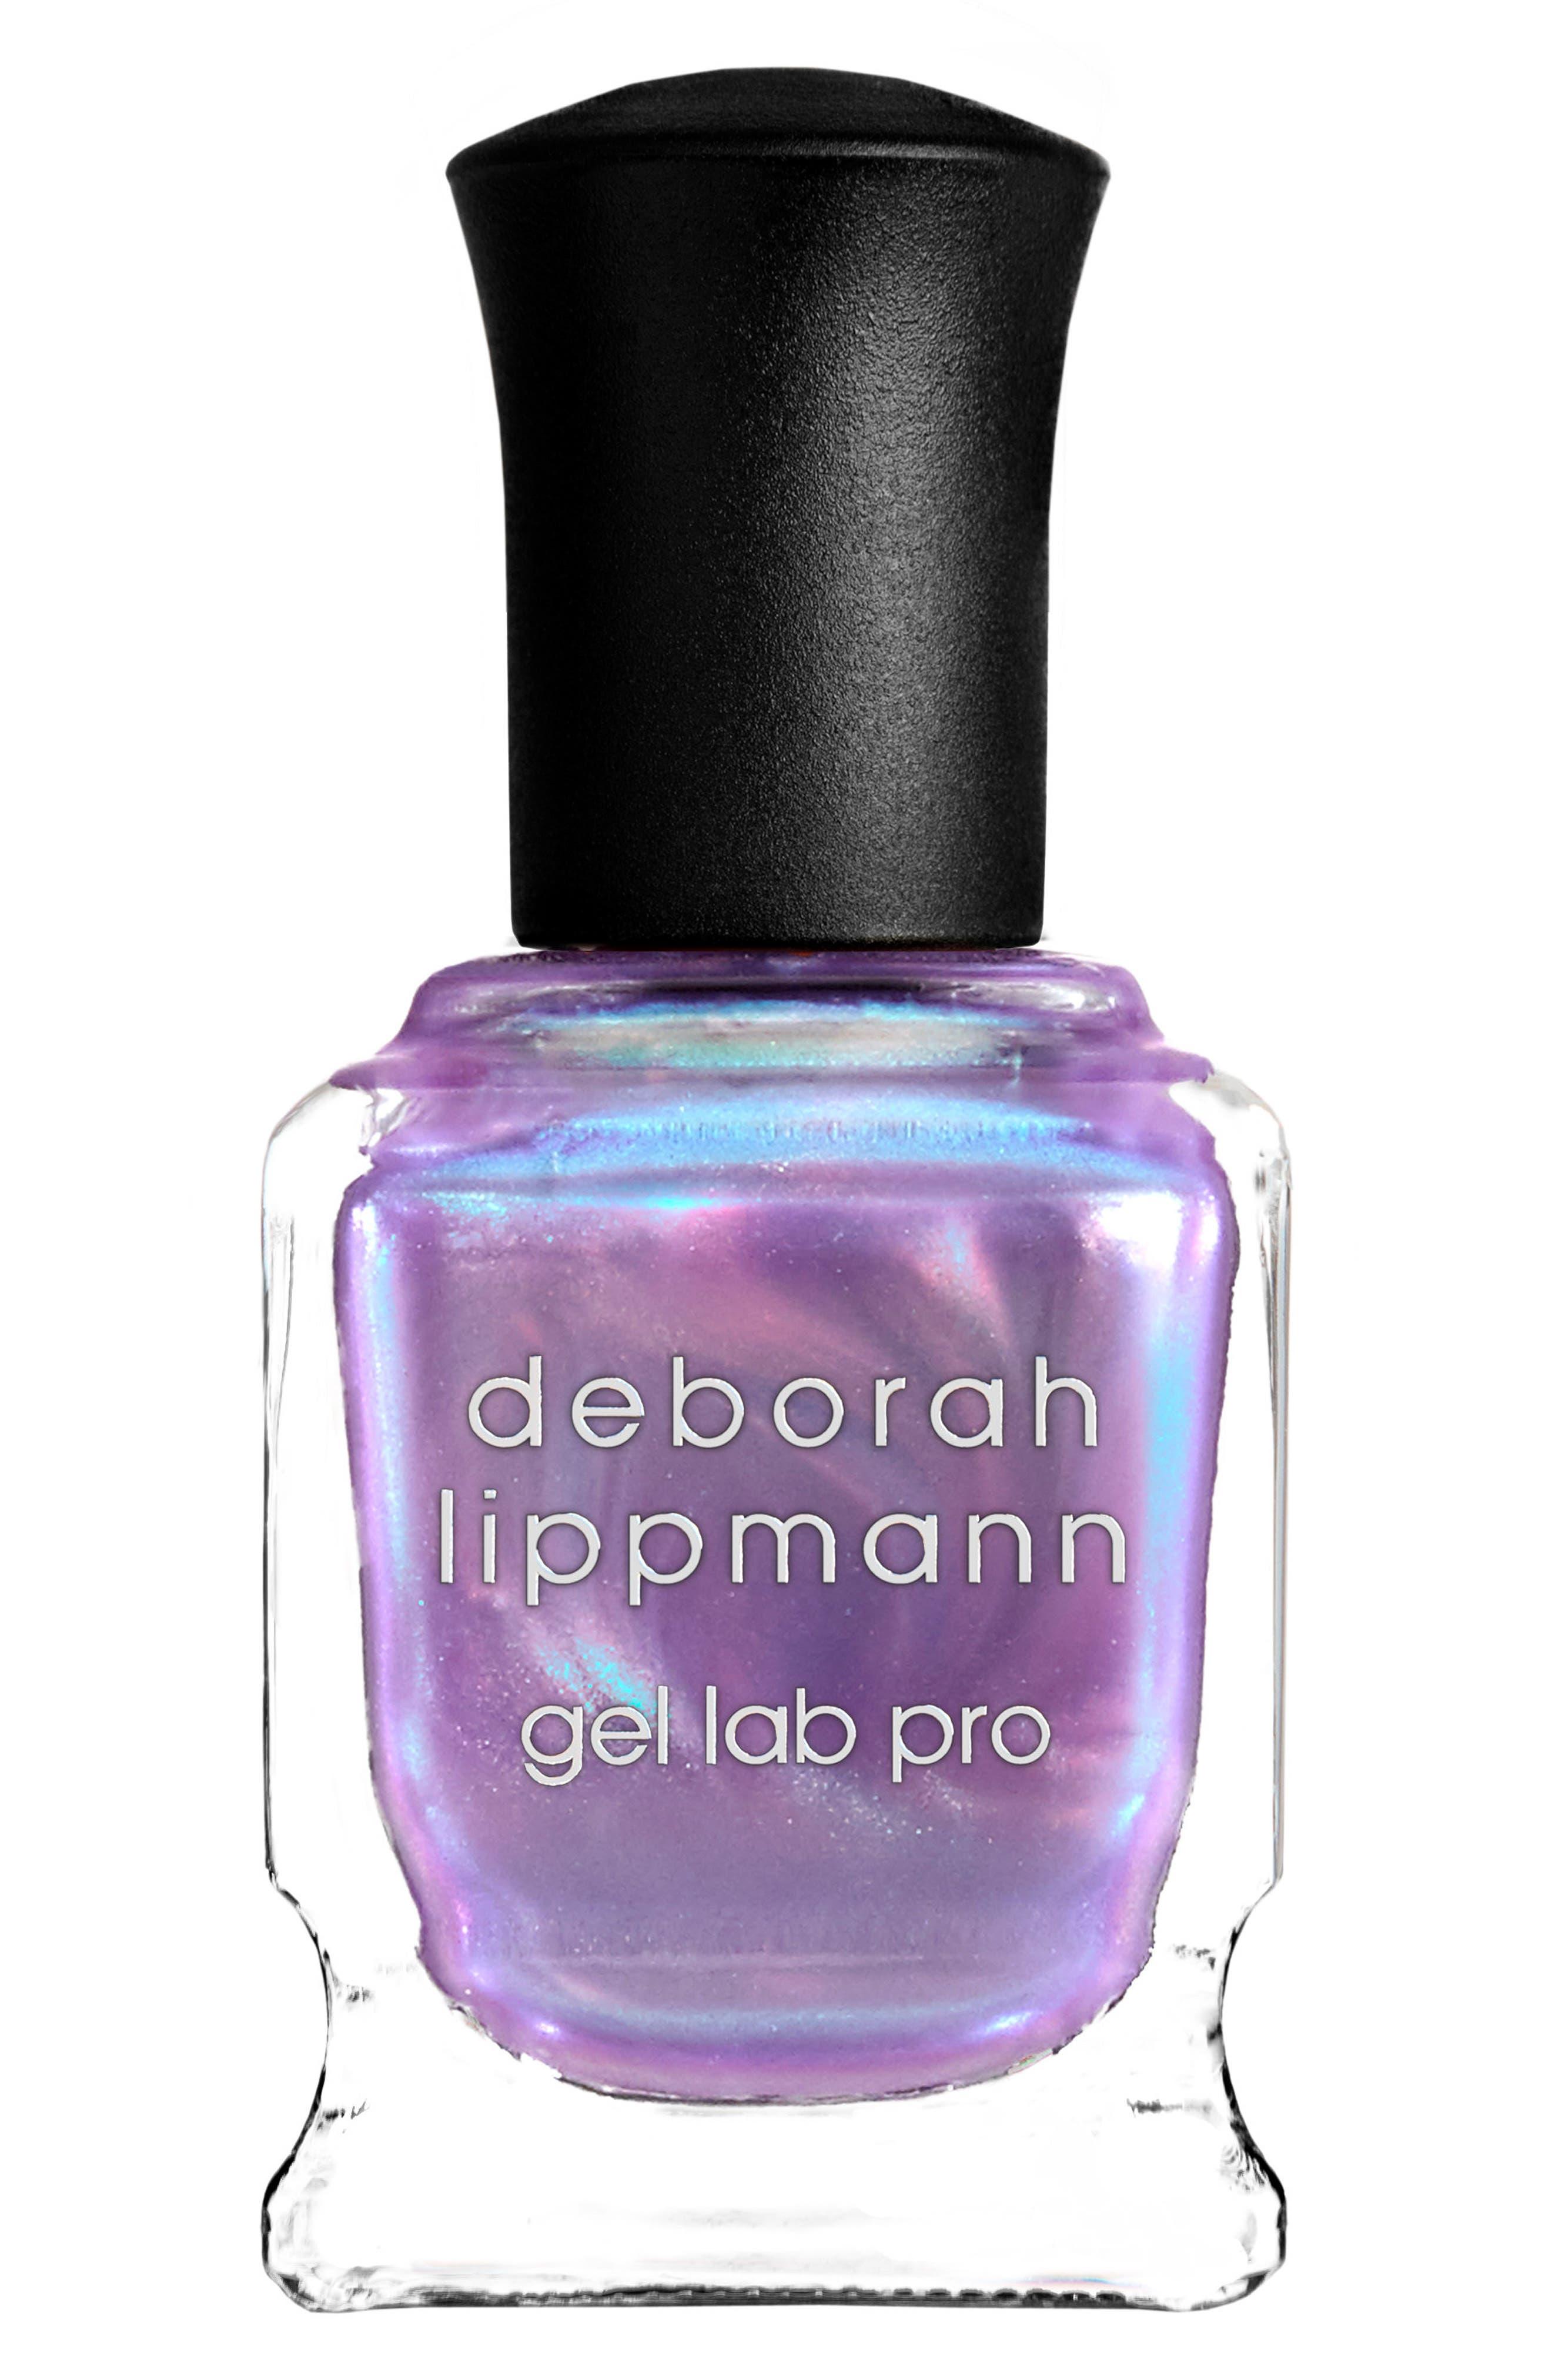 Deborah Lippmann Never, Never Land Gel Lab Pro Nail Color